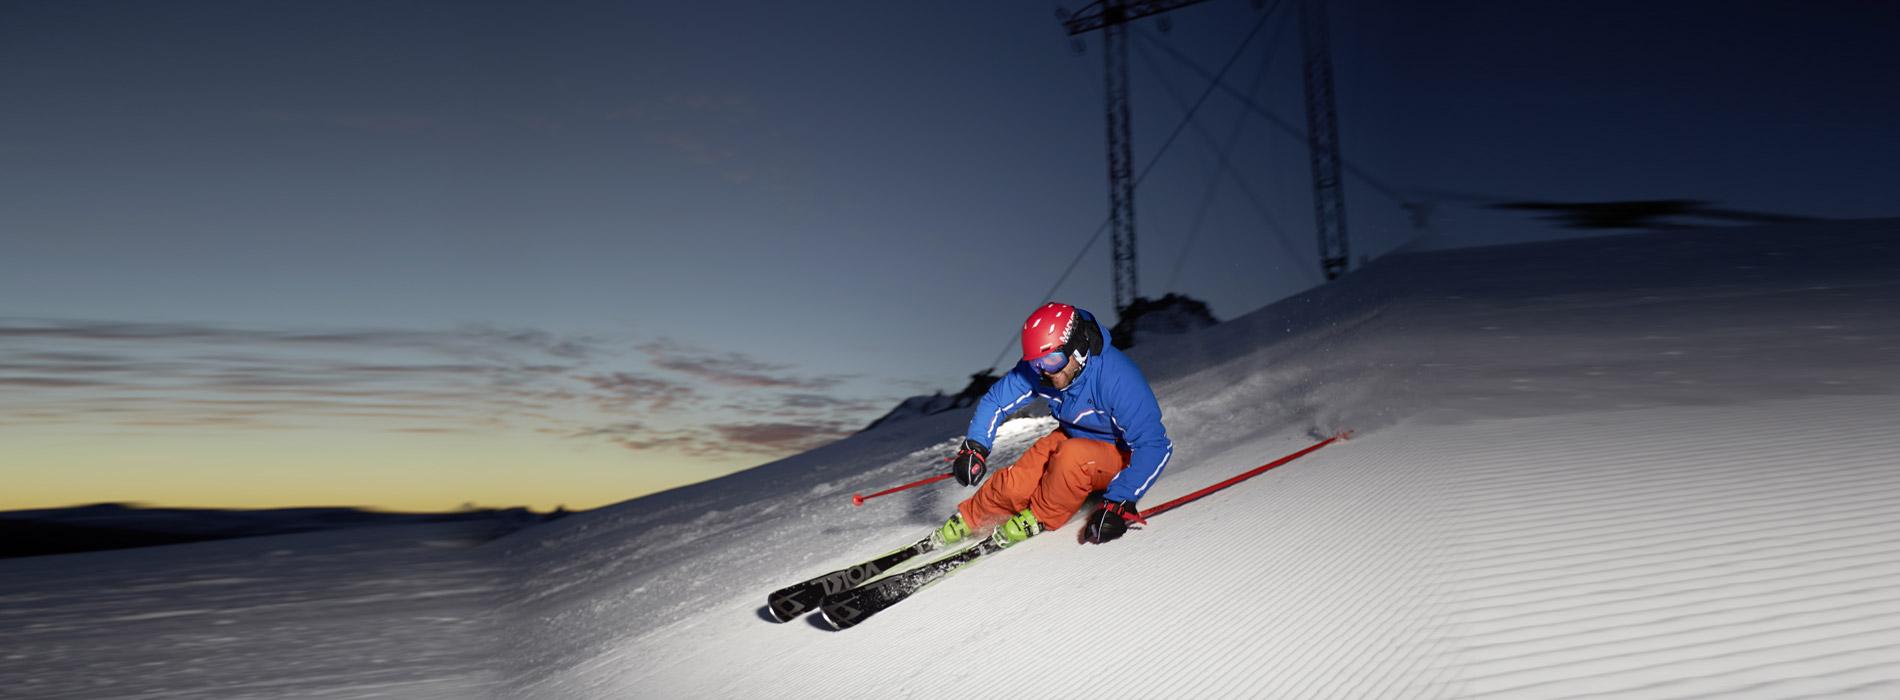 noleggio_sci_snowboard_cortina_d_ampezzo_sci-013